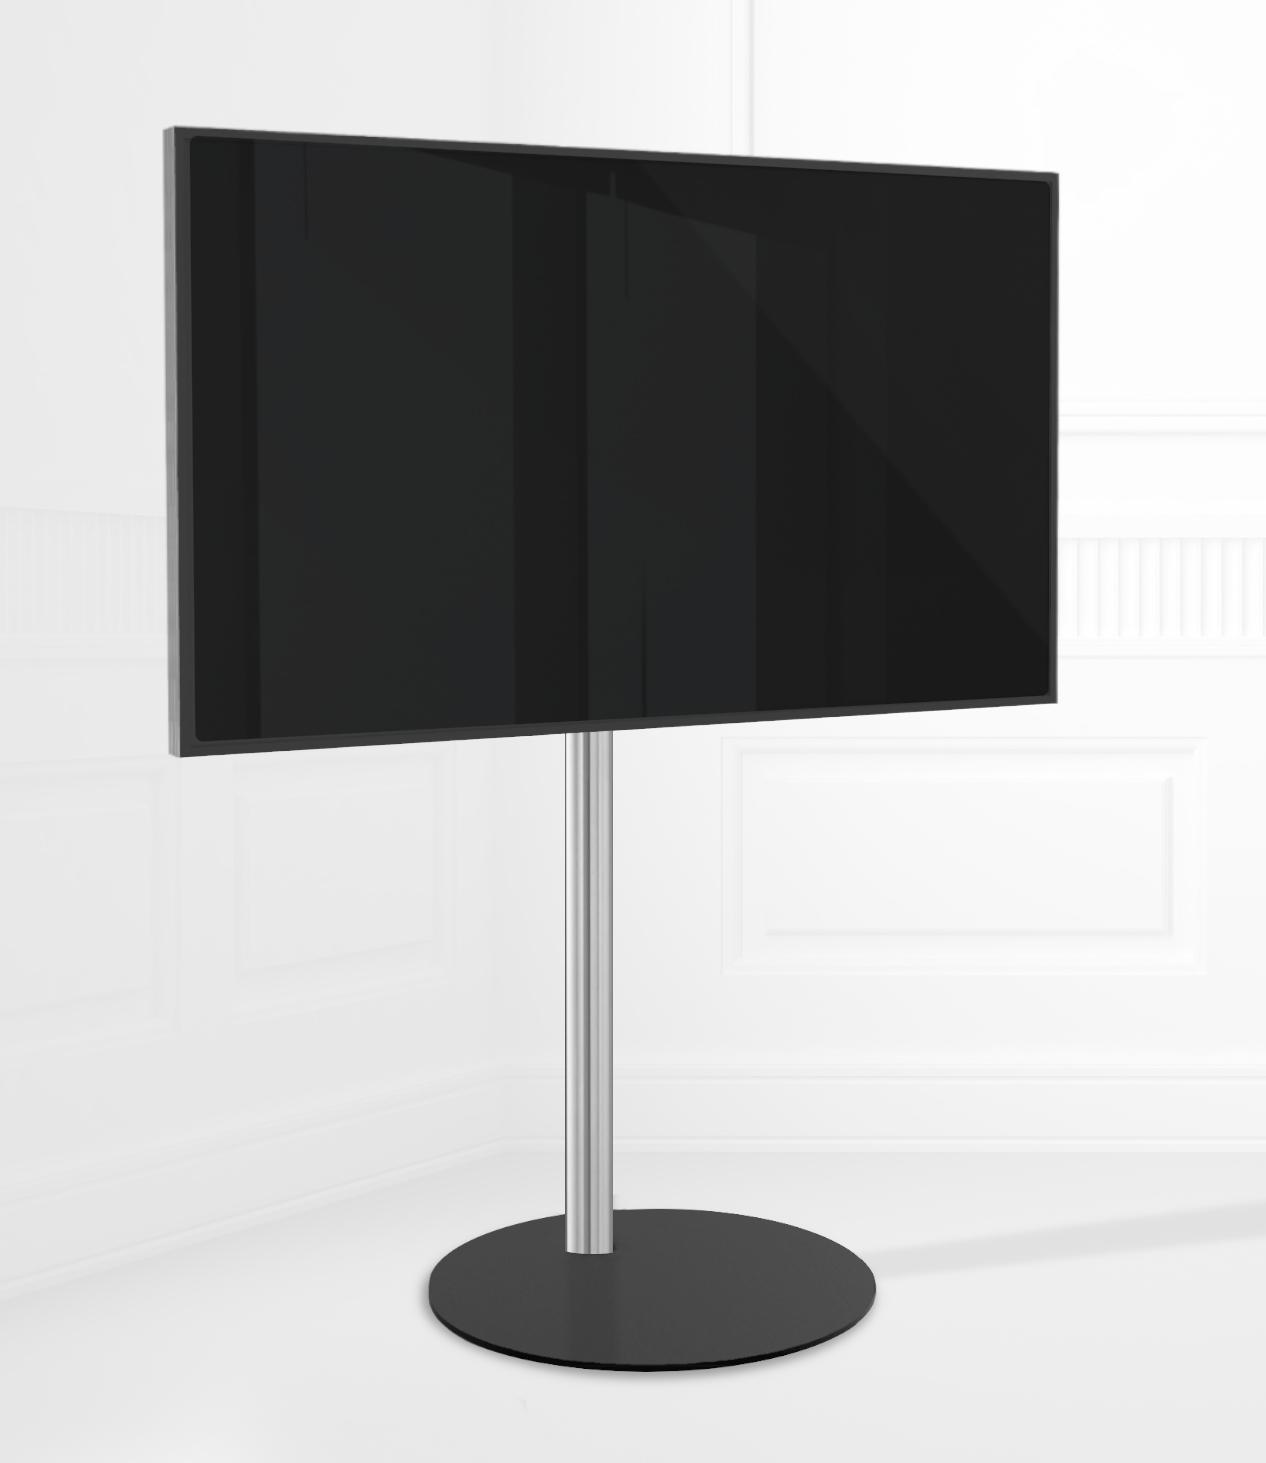 Tv Vloerstandaard Cavus Sphere100(S) RVS & Trendy Staal